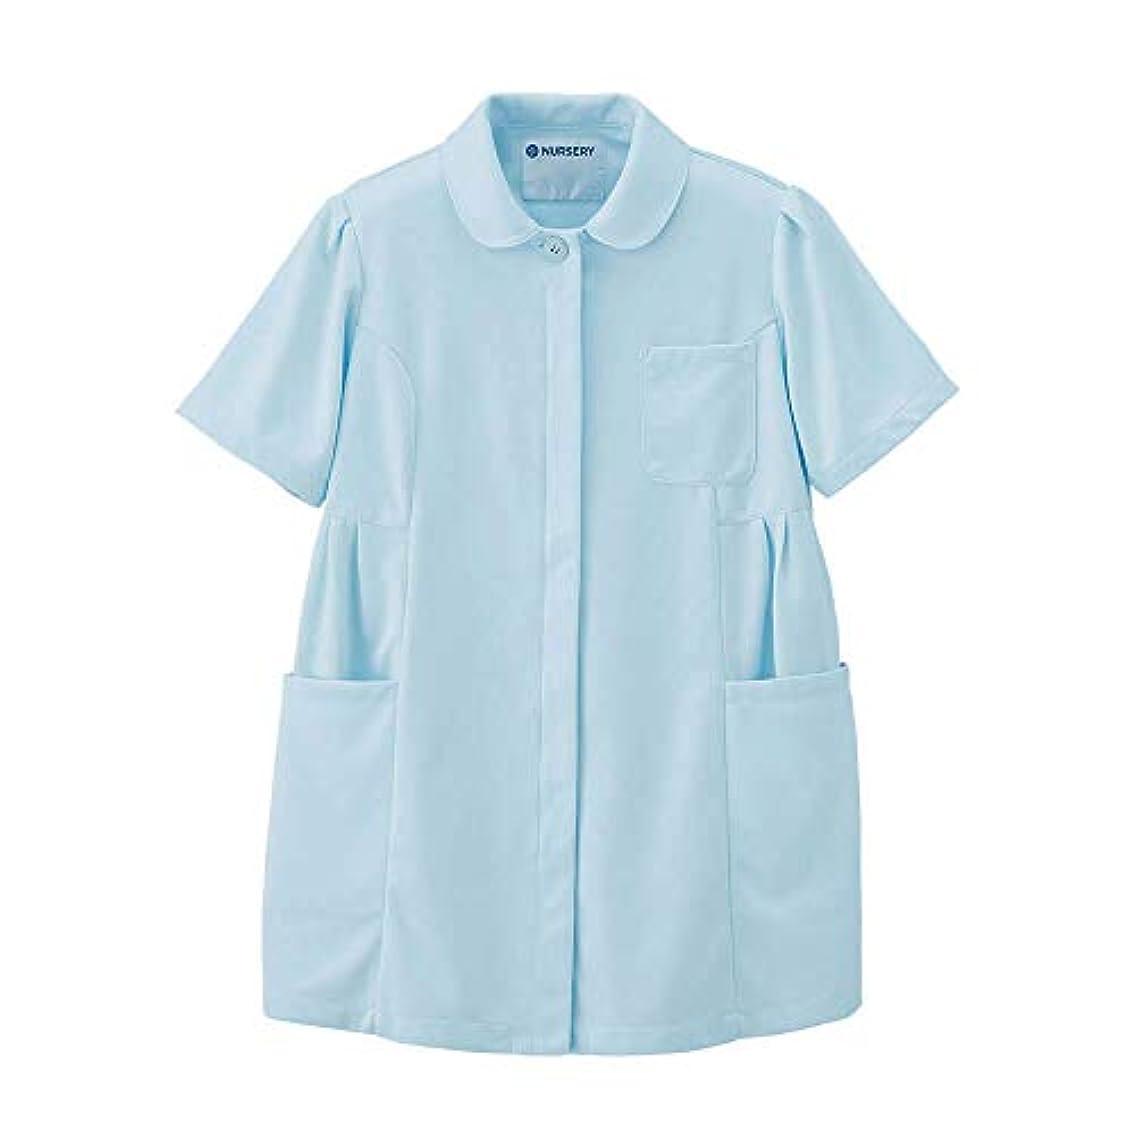 分散うまれたキロメートルナースリー マタニティアクティブジャケット ストレッチ 透け防止 白衣 看護